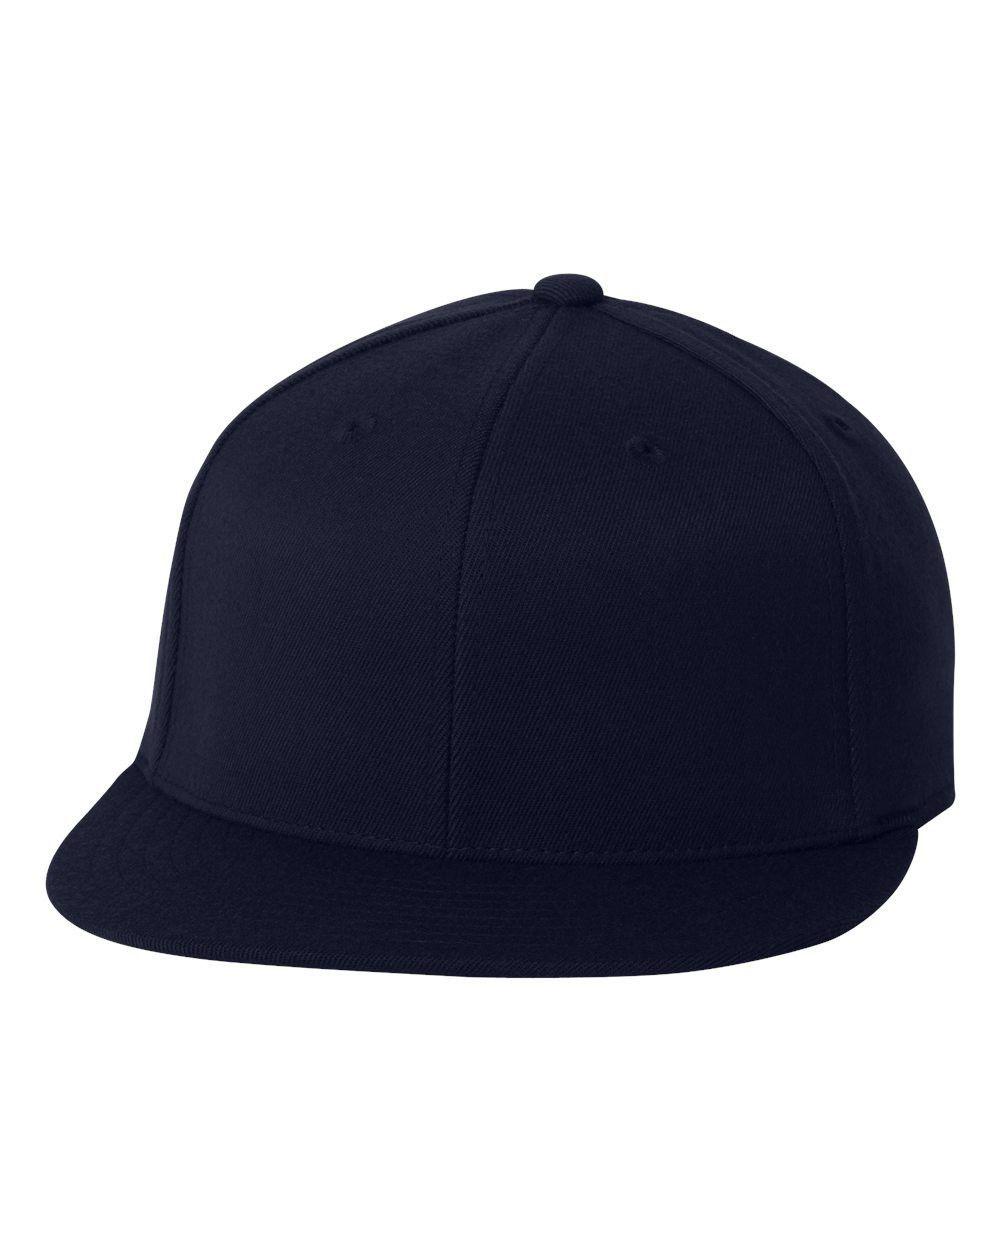 6aaf49ea69834 Flexfit - Flat Bill Cap - 6210Ff Dark Navy